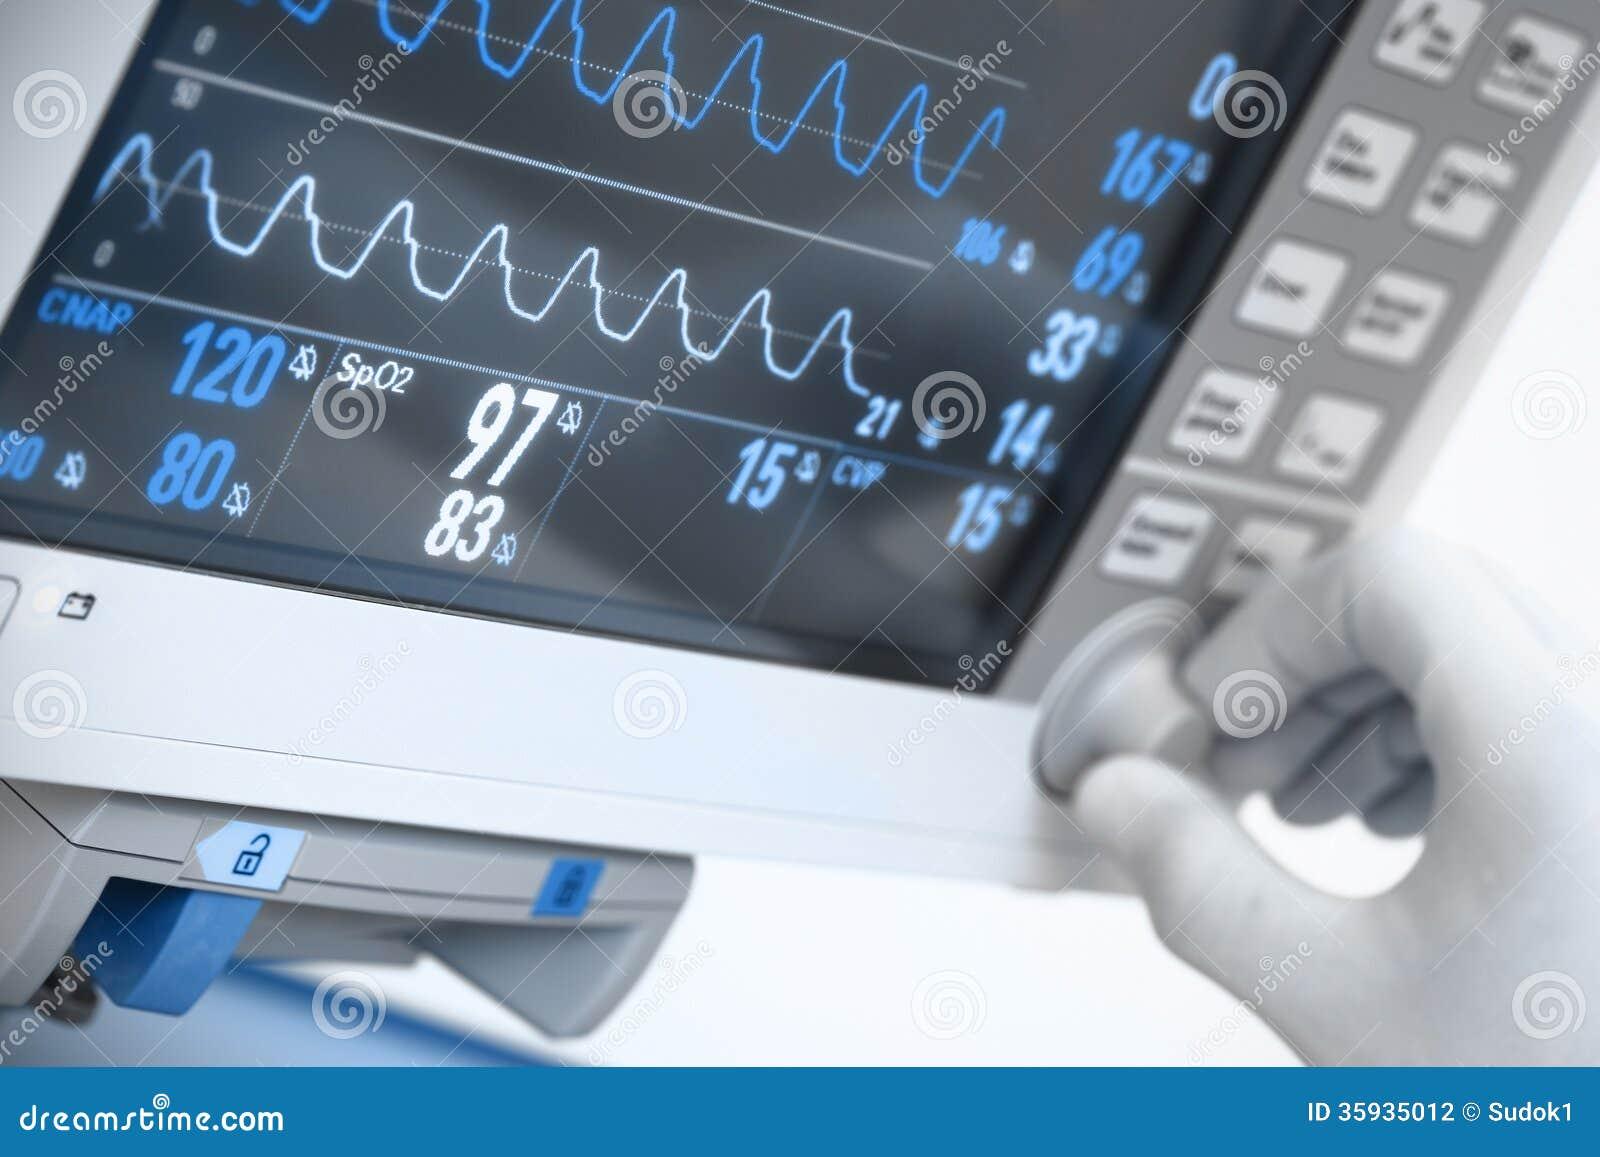 Eletrônica médica.